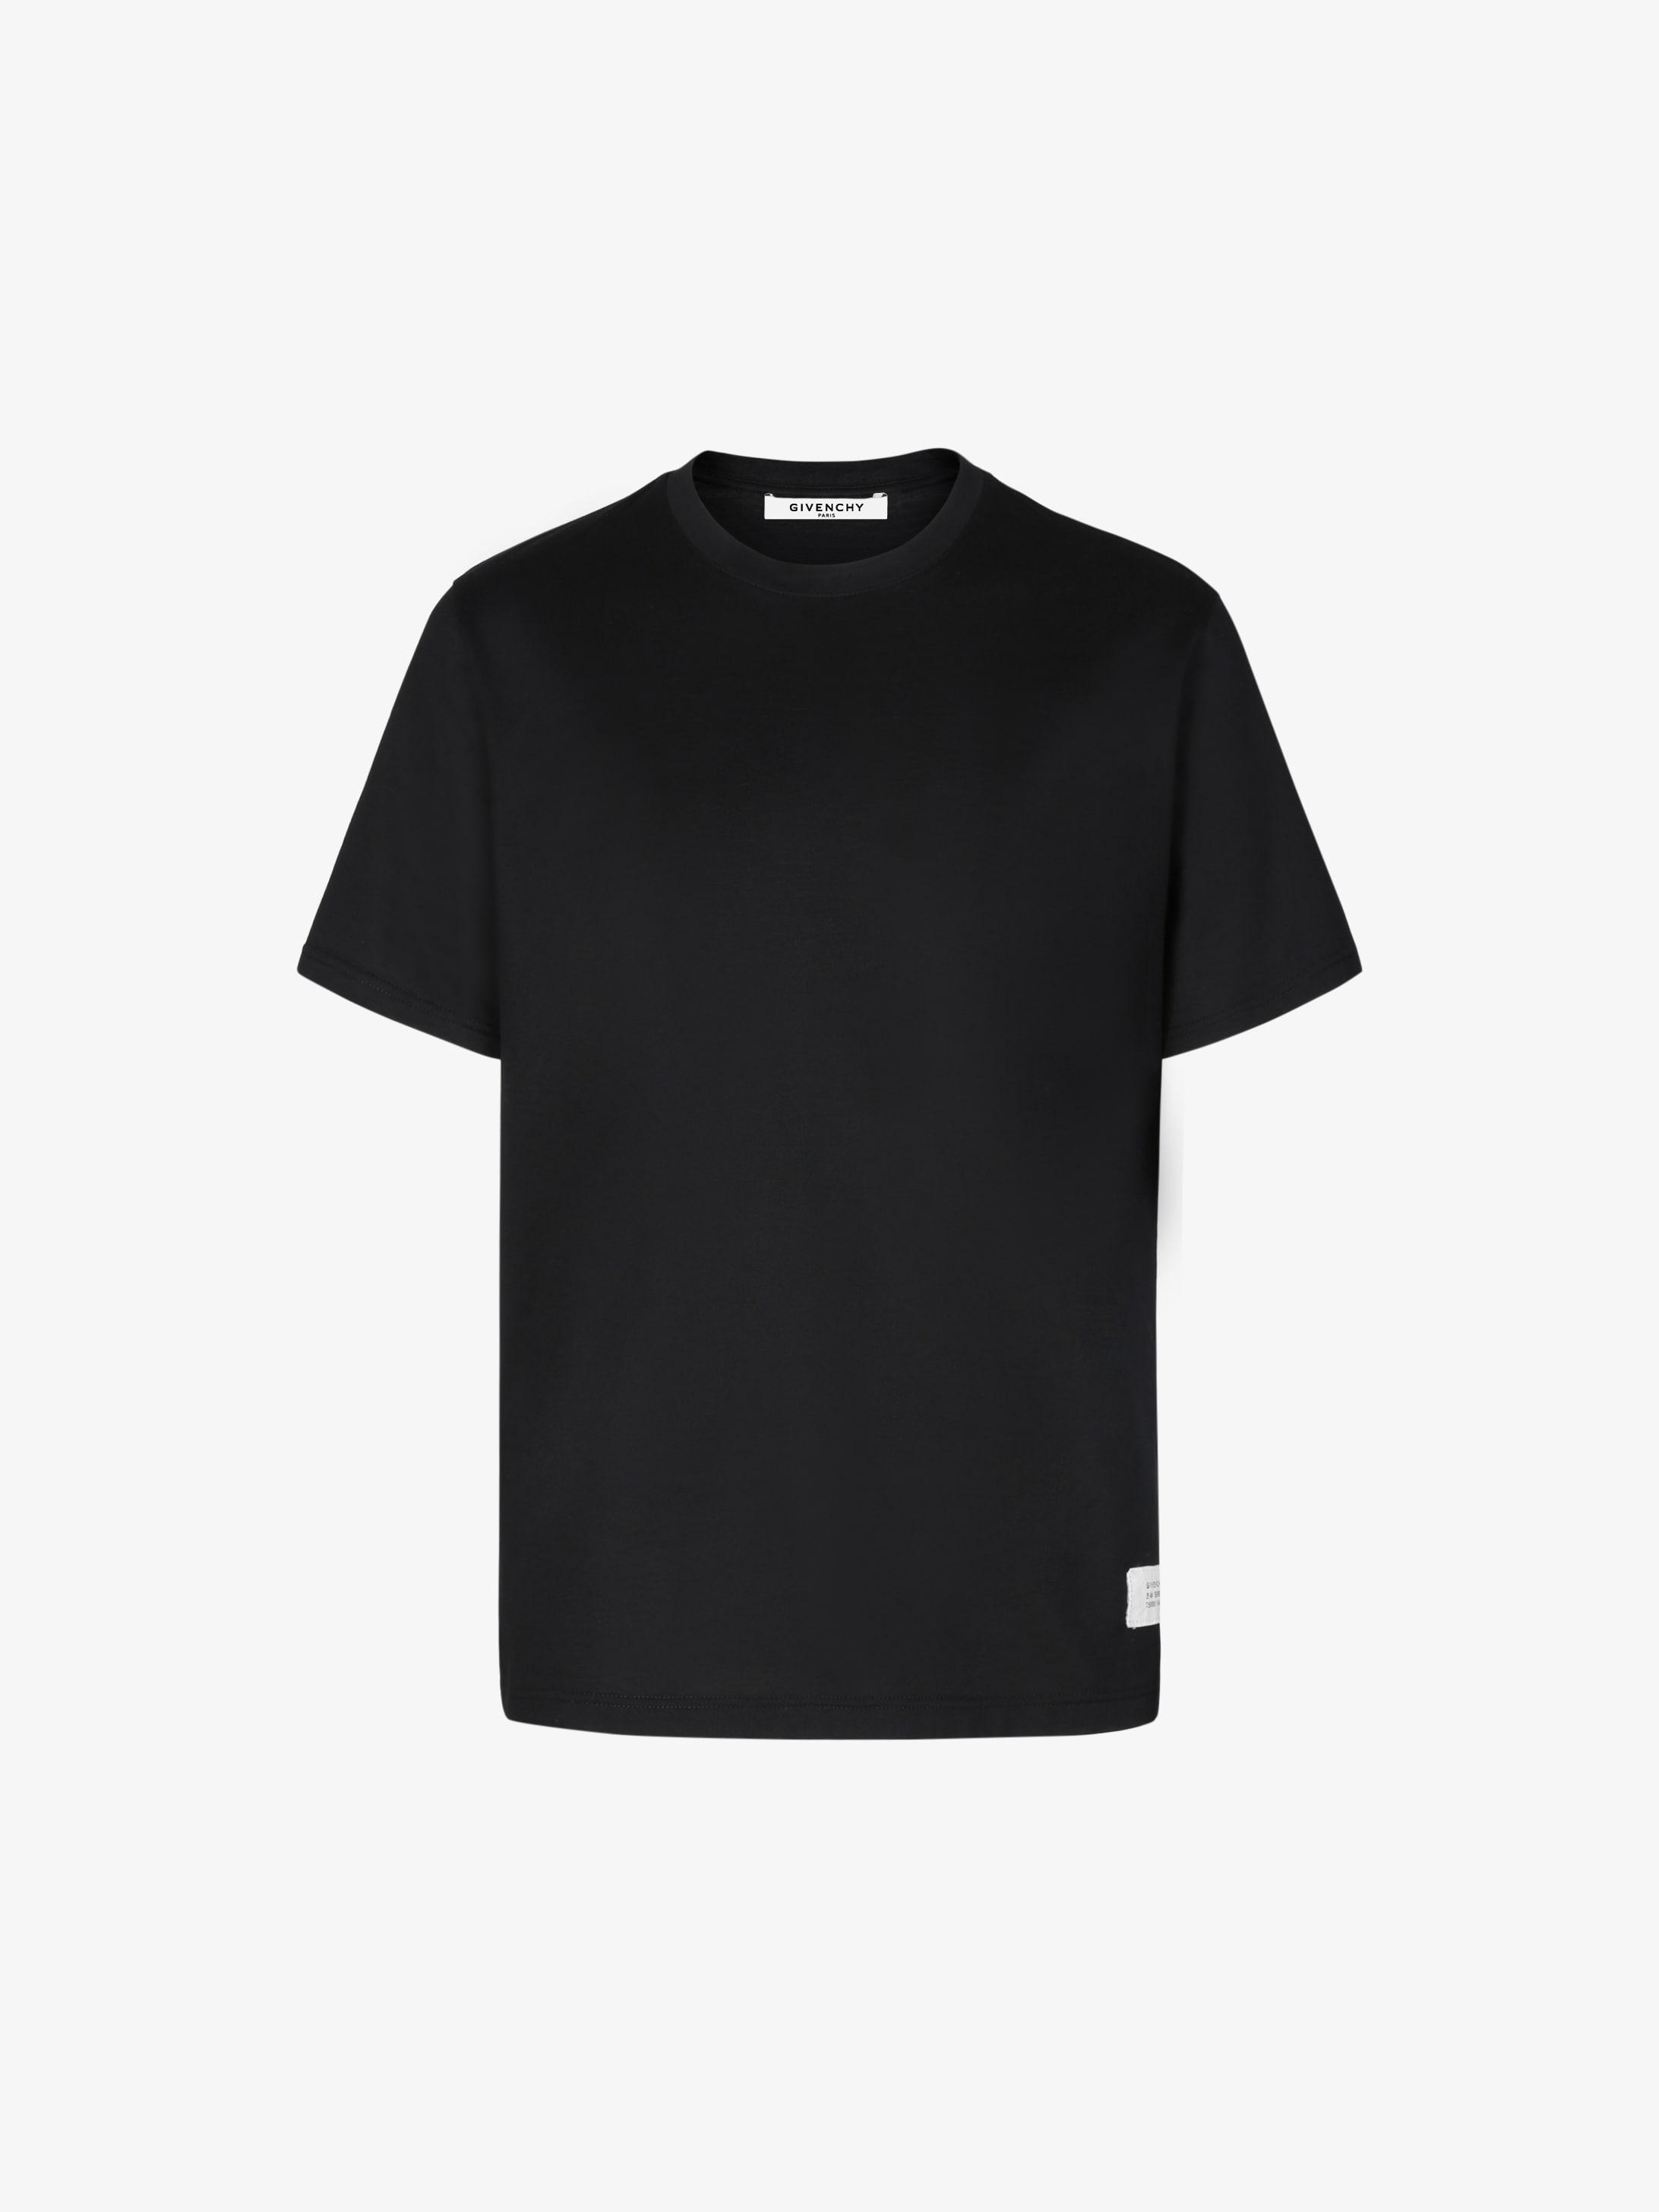 Atelier patch Slim fit t-shirt